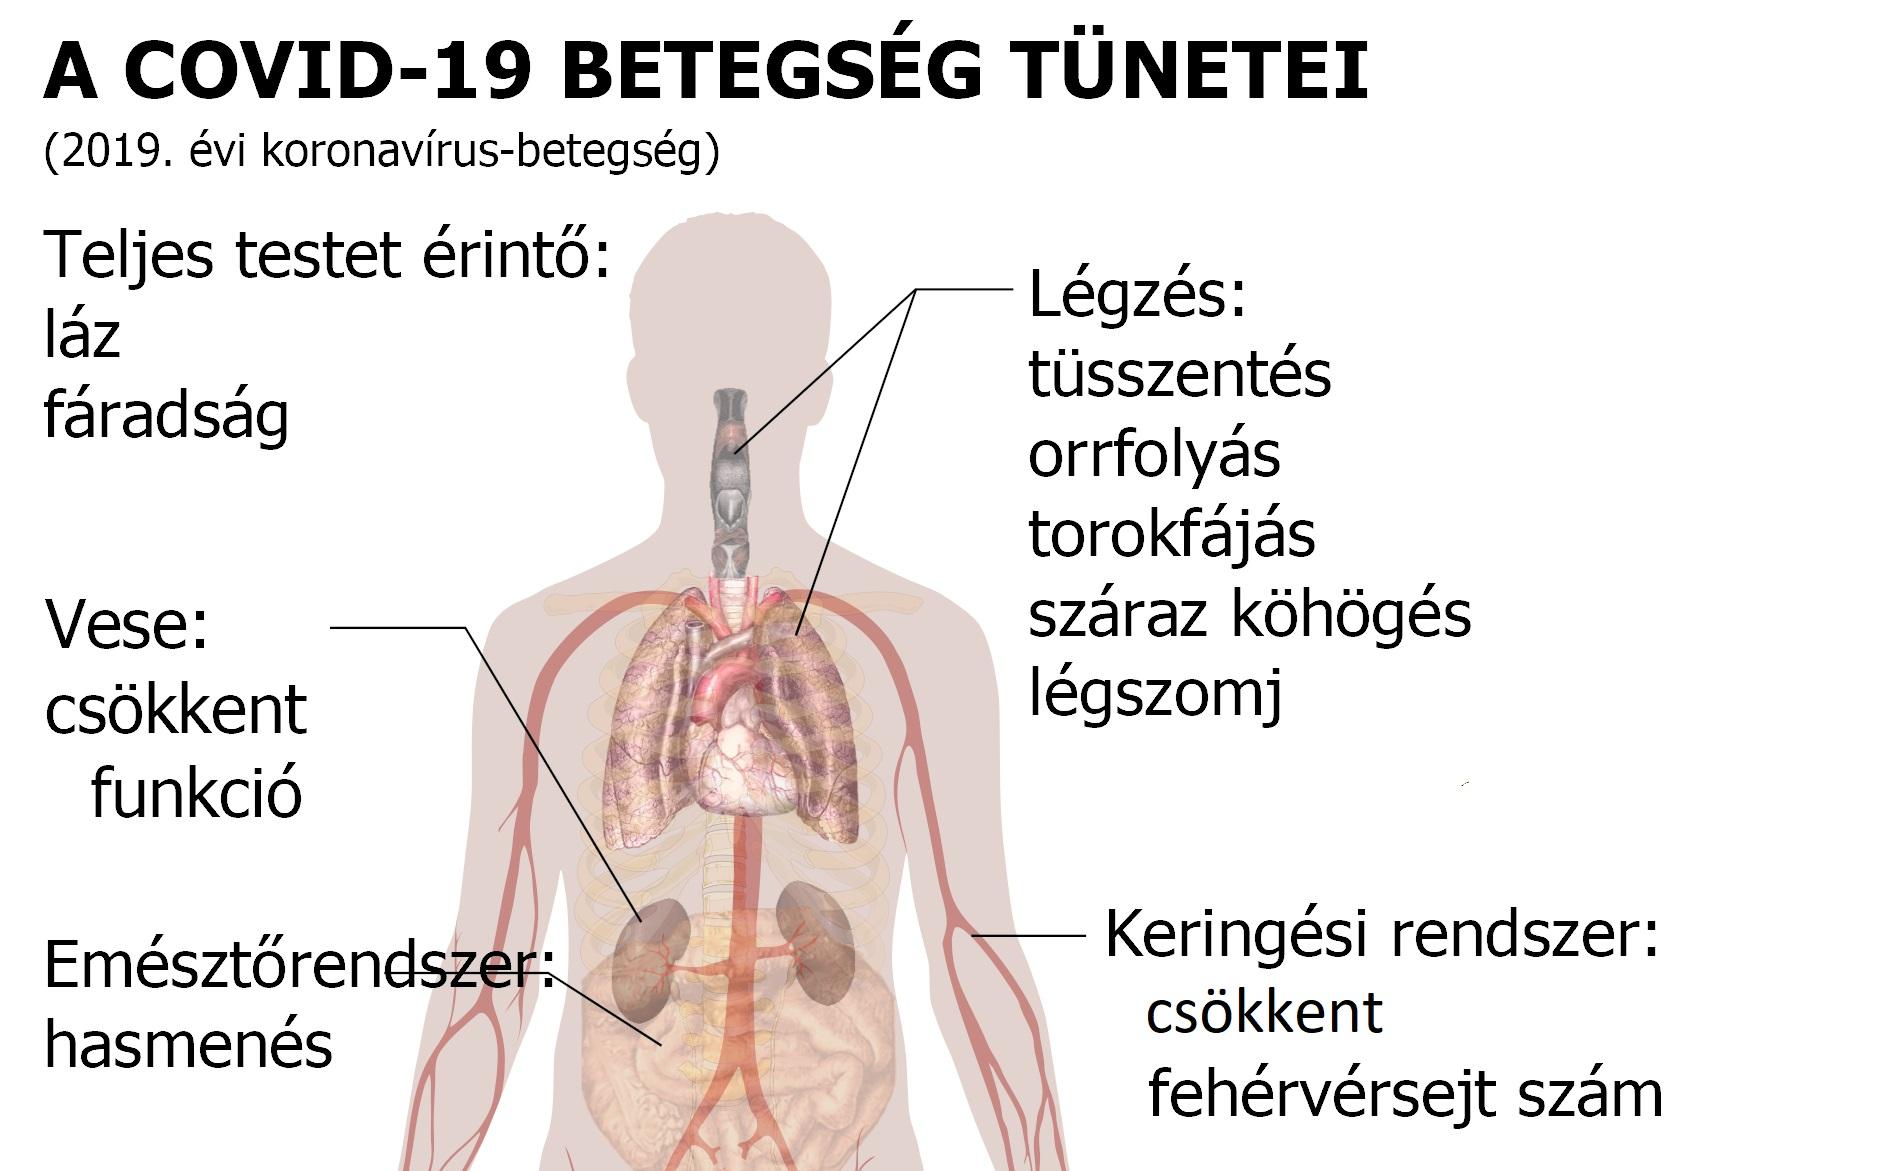 bika szalagféreg diagnosztizálása és kezelése tabletták férgek számára gyermekek számára